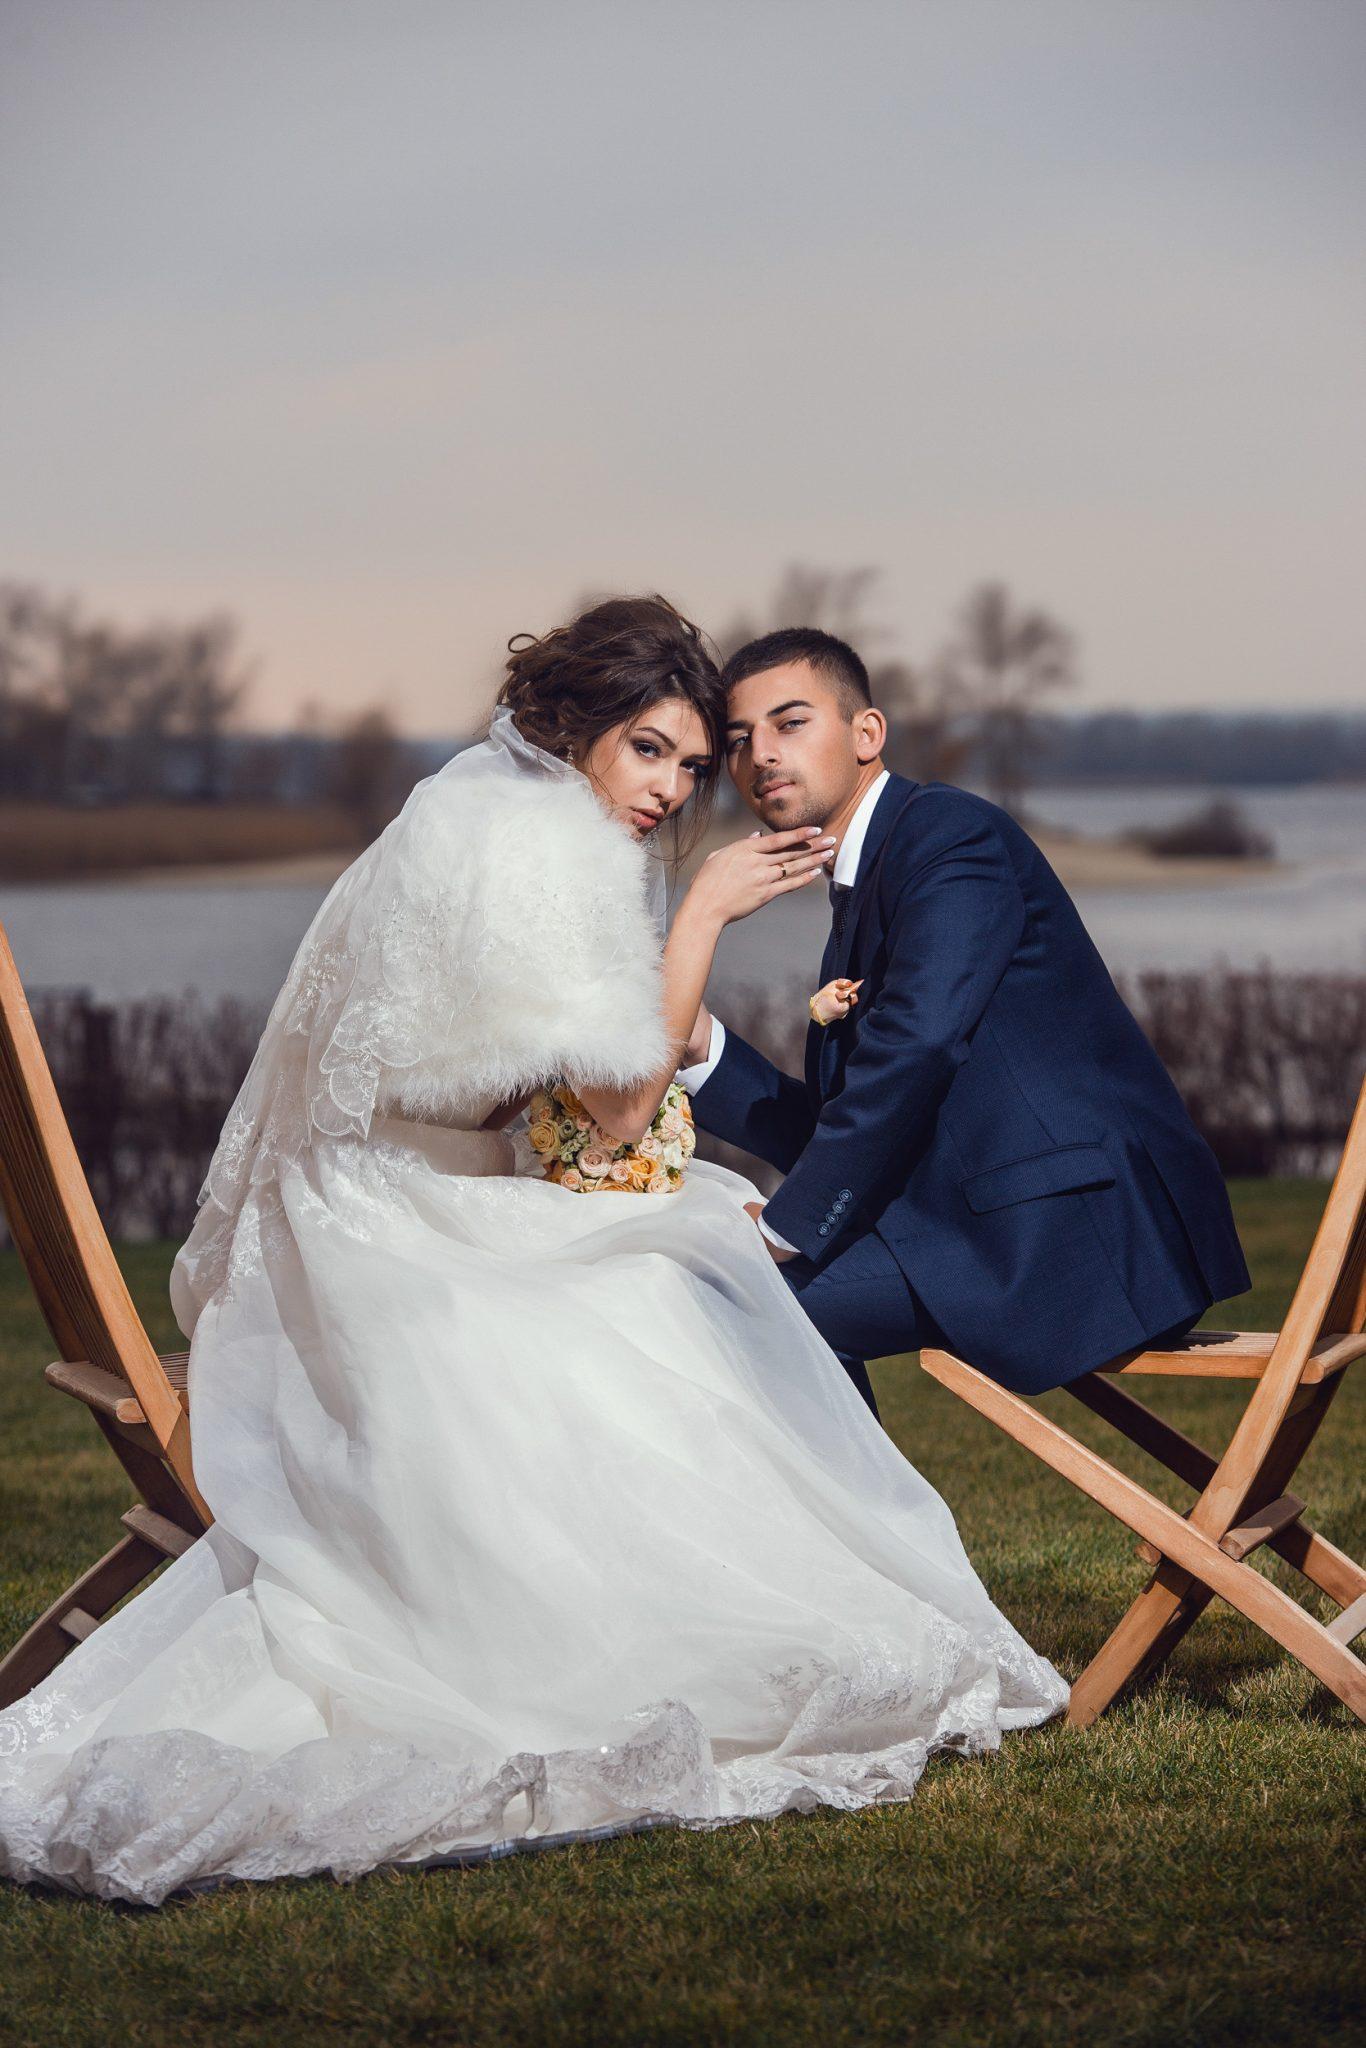 Свадебная съемка (фото и видео) в фотостудии Frontpage